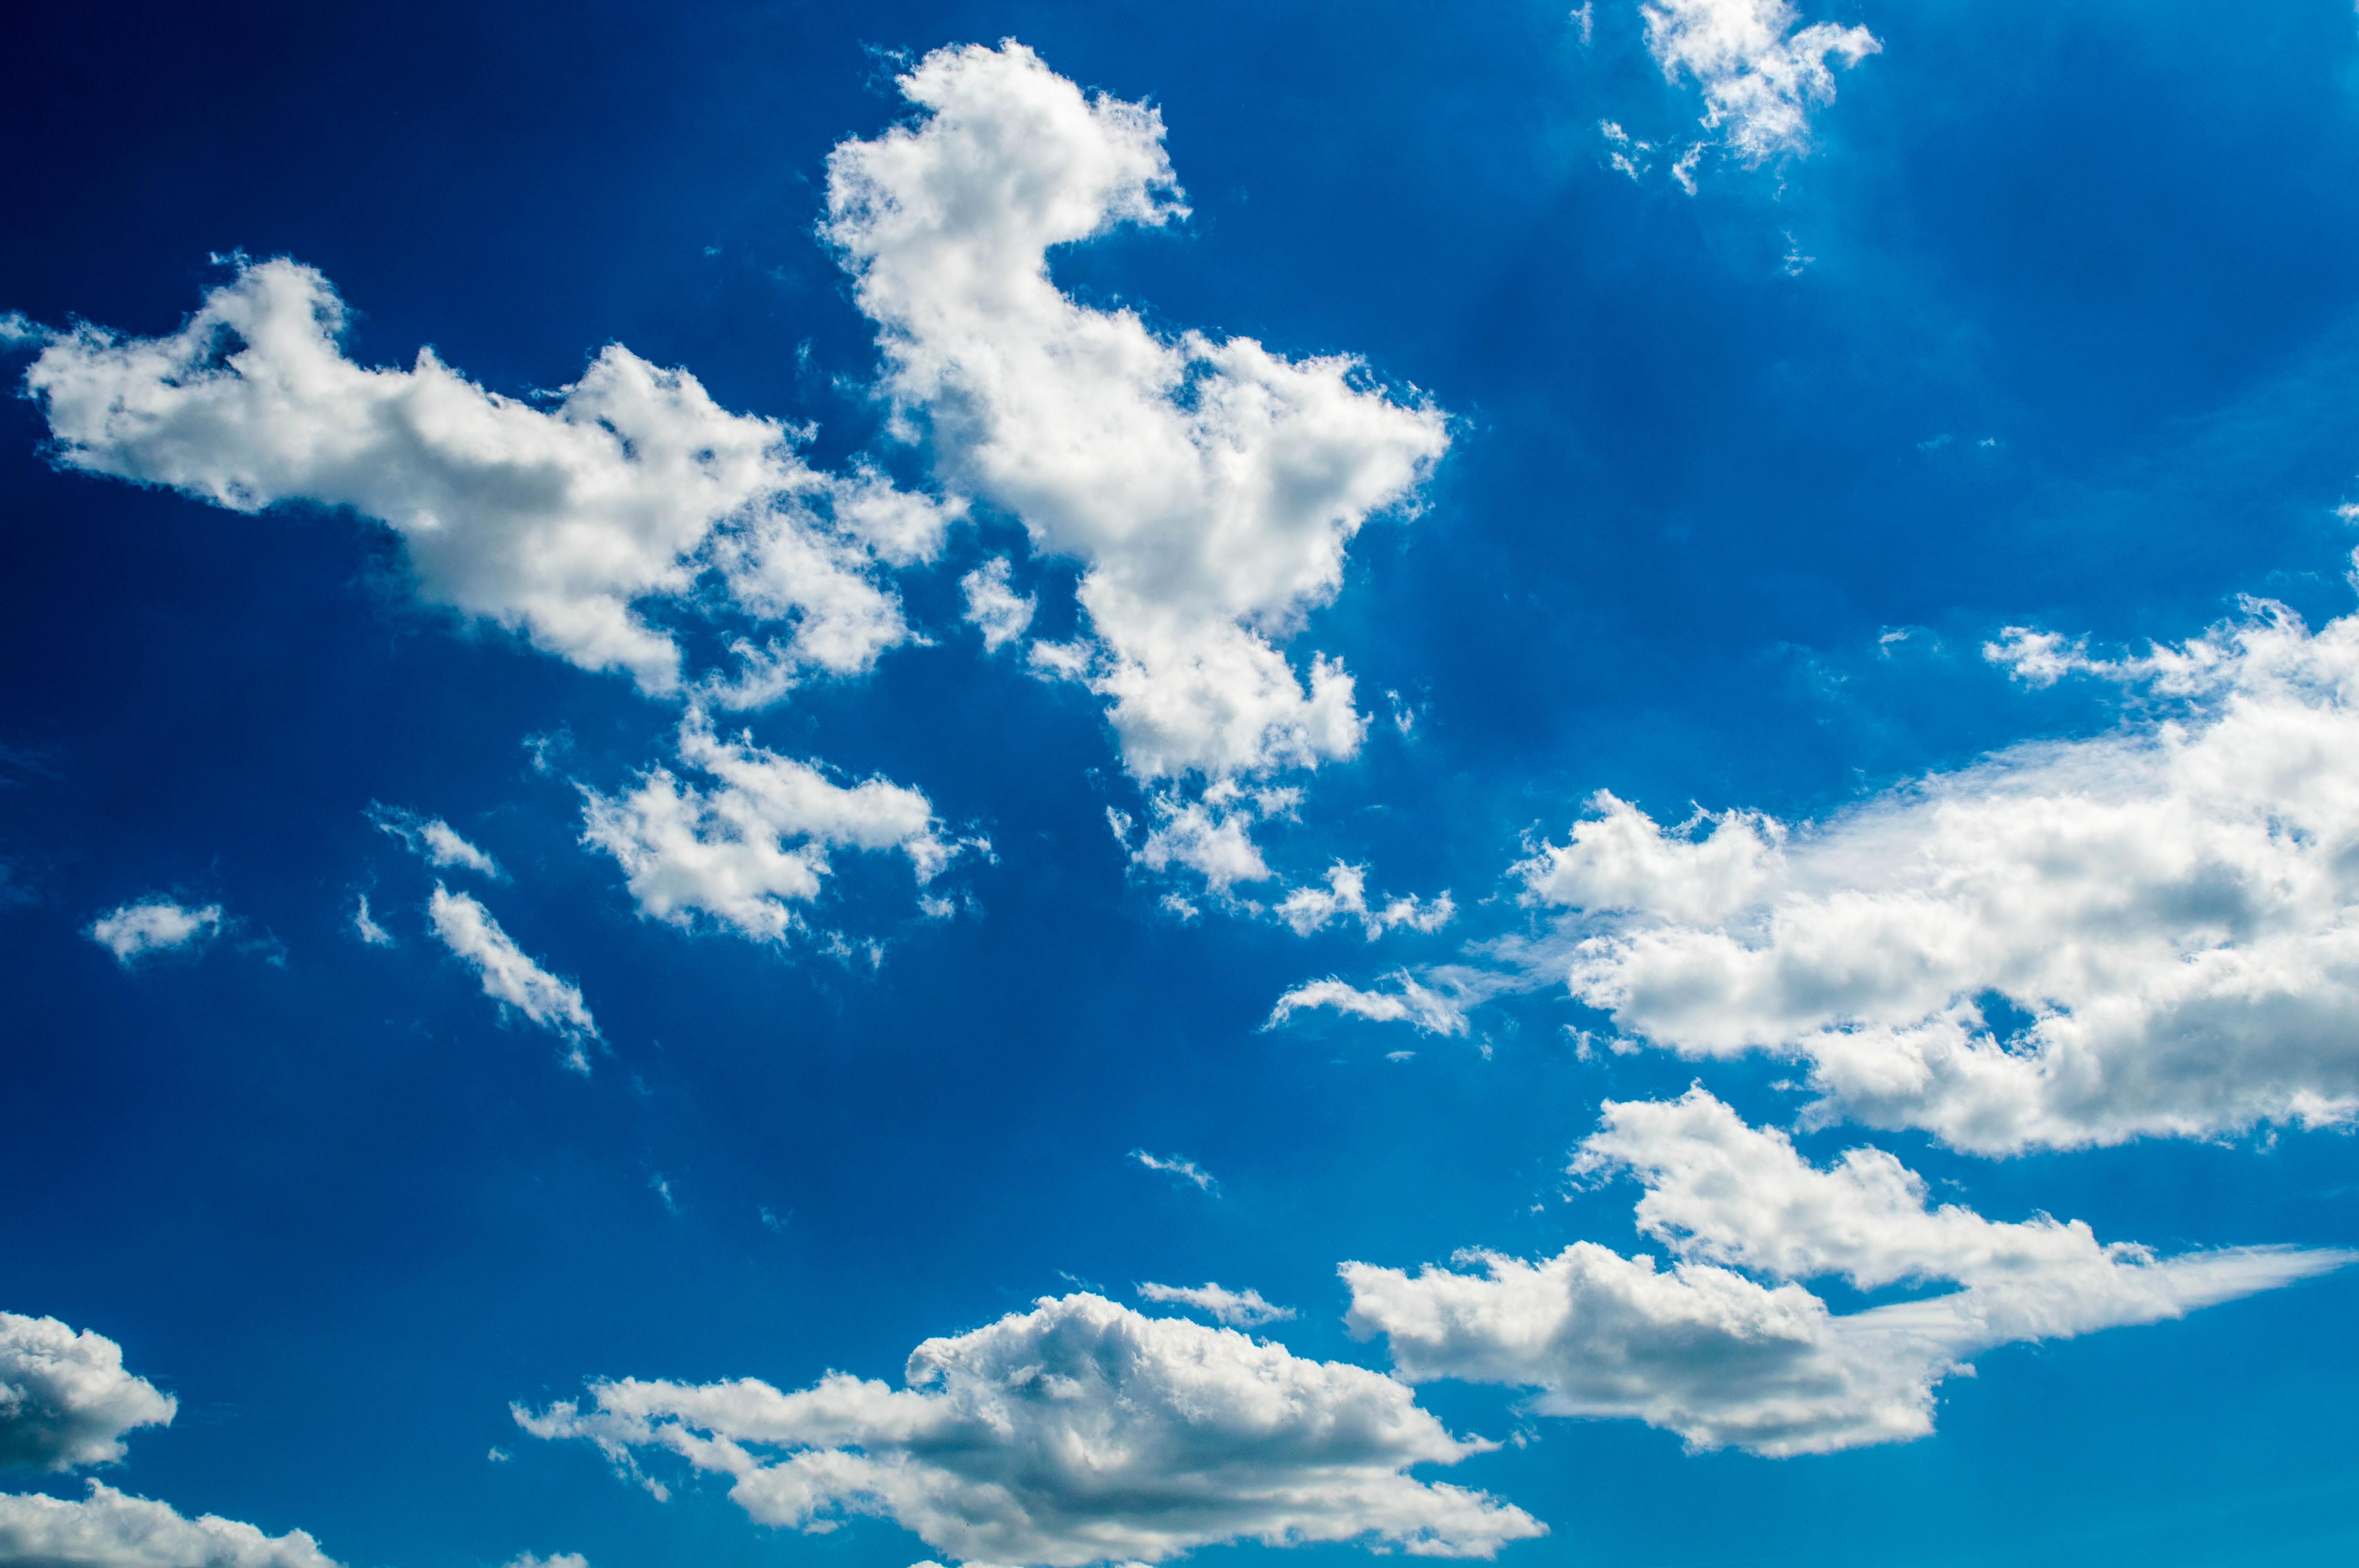 รูปภาพ : เมฆ, ท้องฟ้า